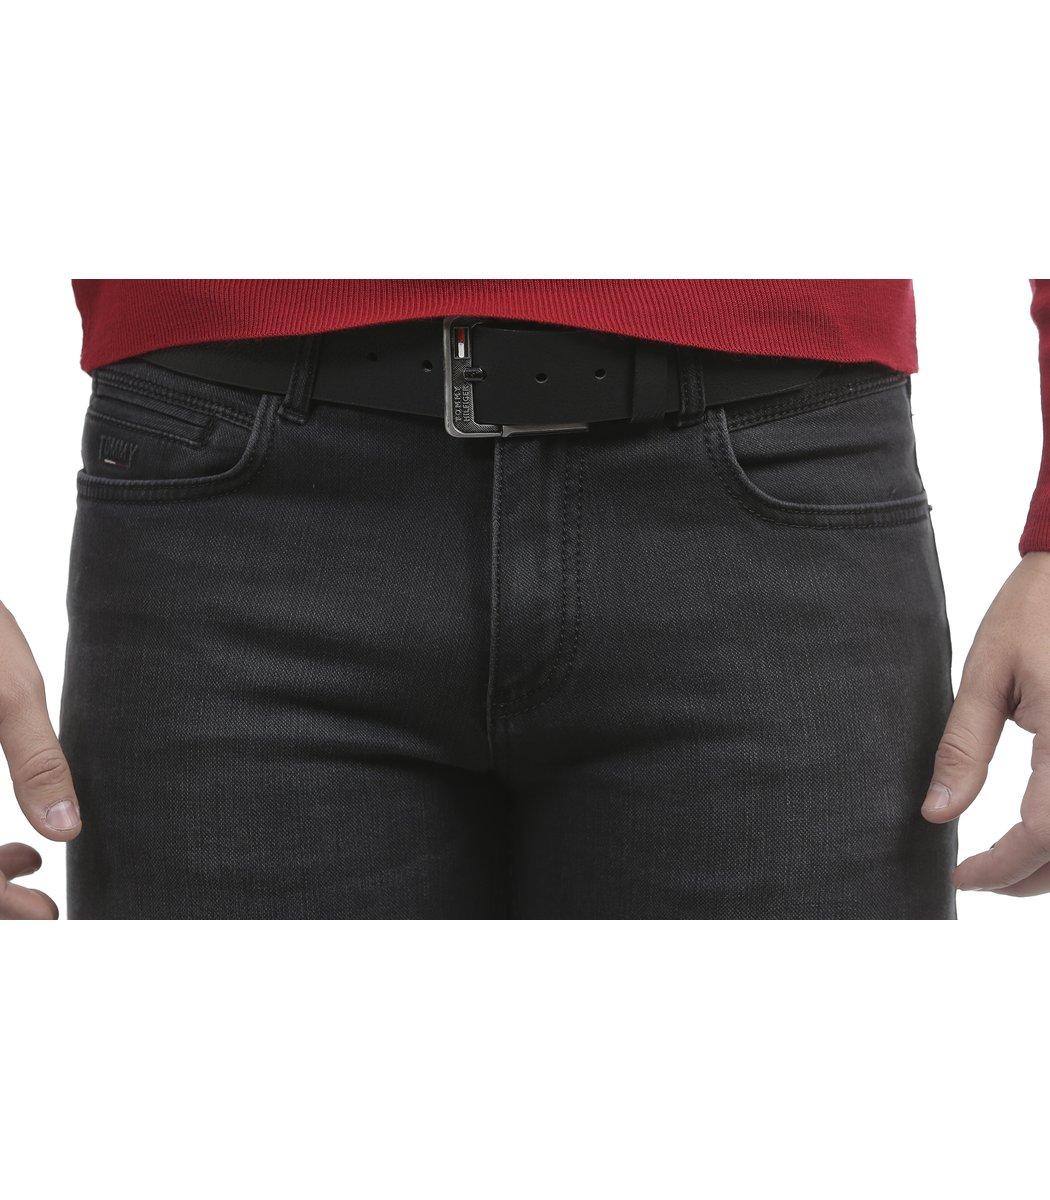 Черные джинсы Tommy Hilfiger 7737-5 +ремень